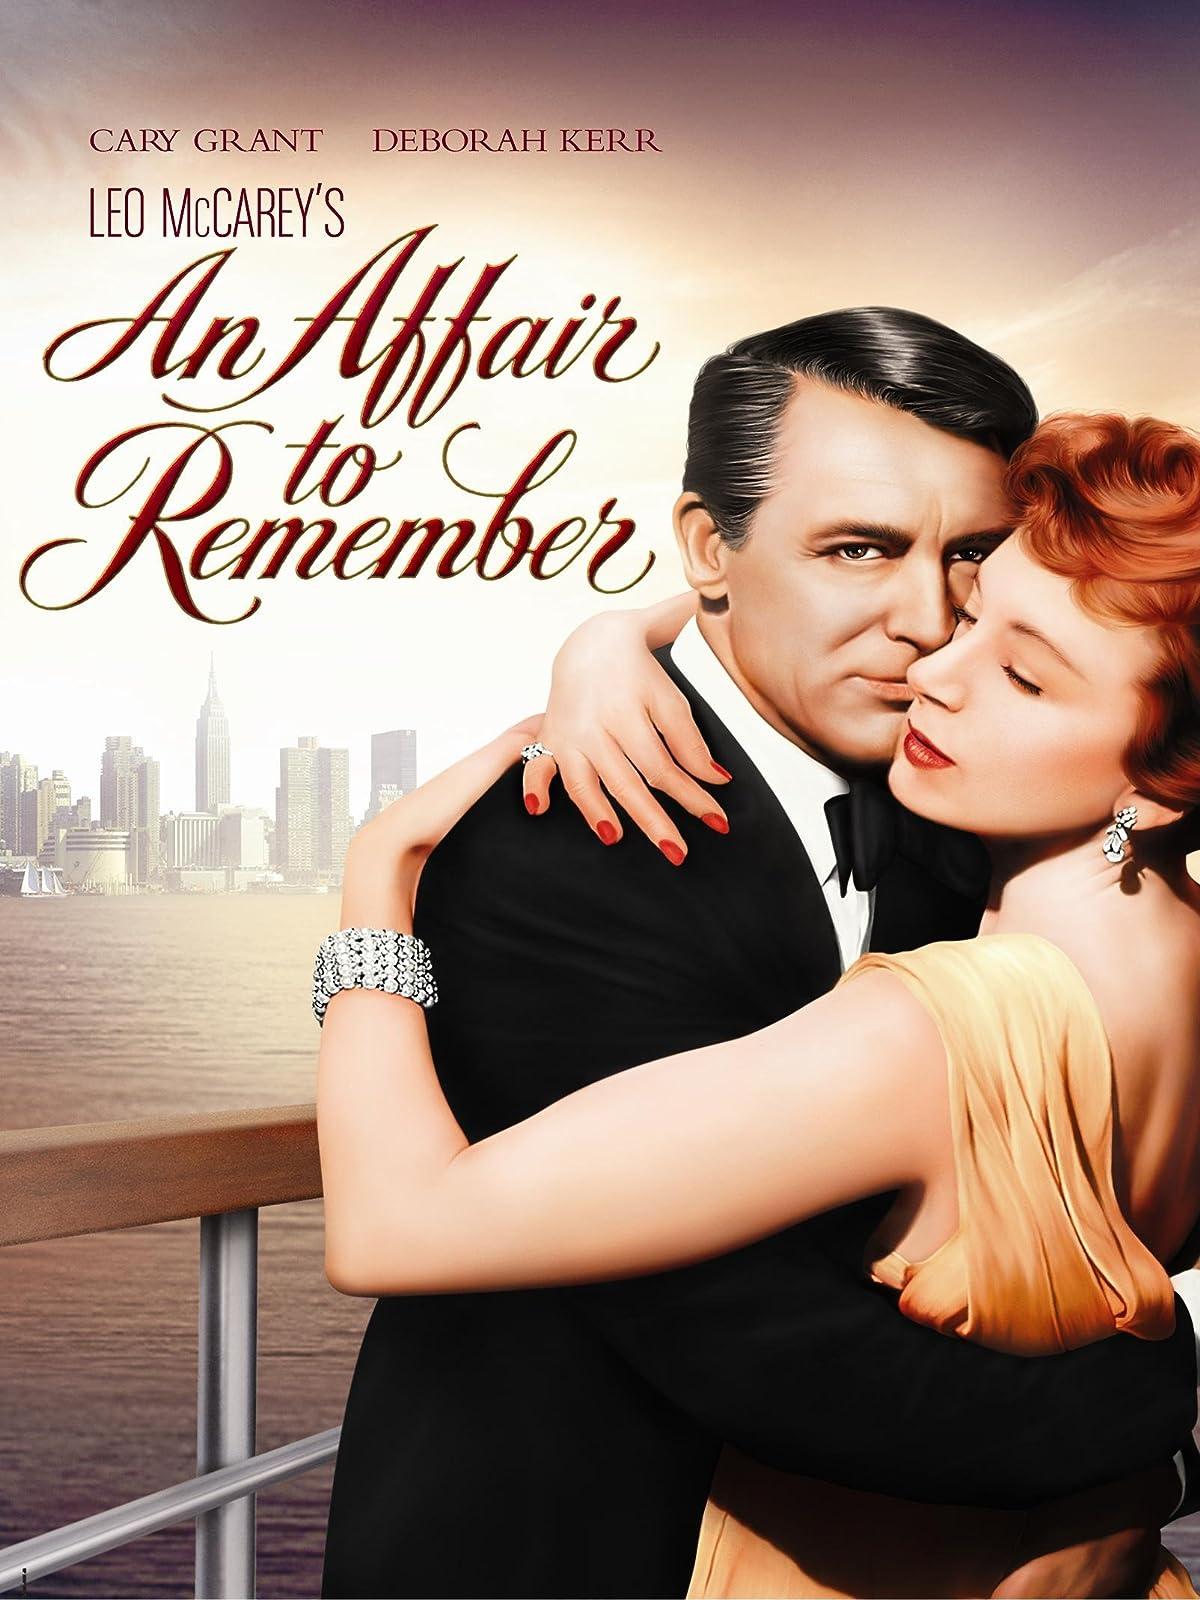 Casablanca Man Intalnire Site serios de dating in Statele Unite